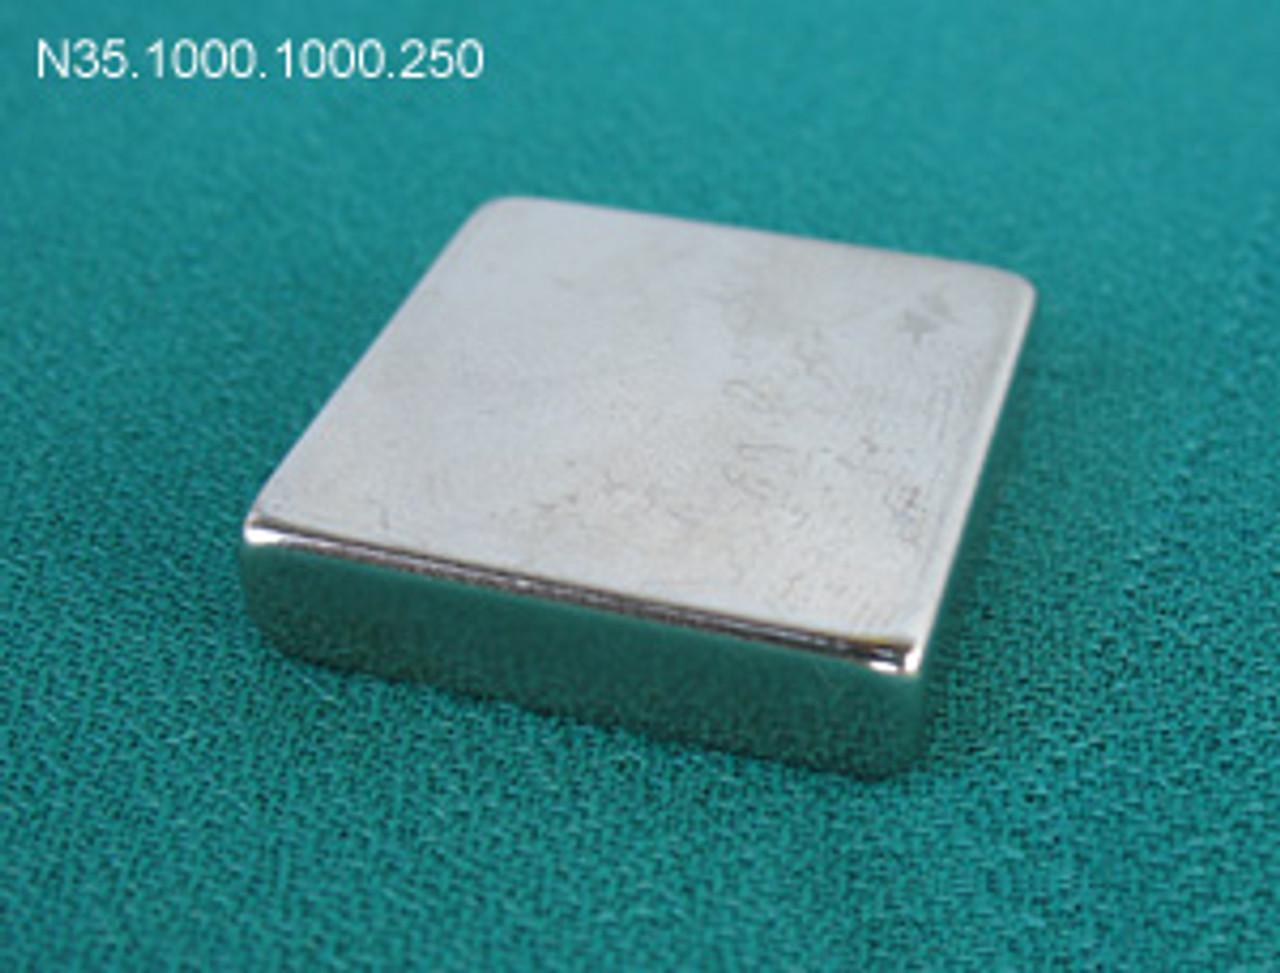 Neodymium Magnet, Square, 1 x 1 inch